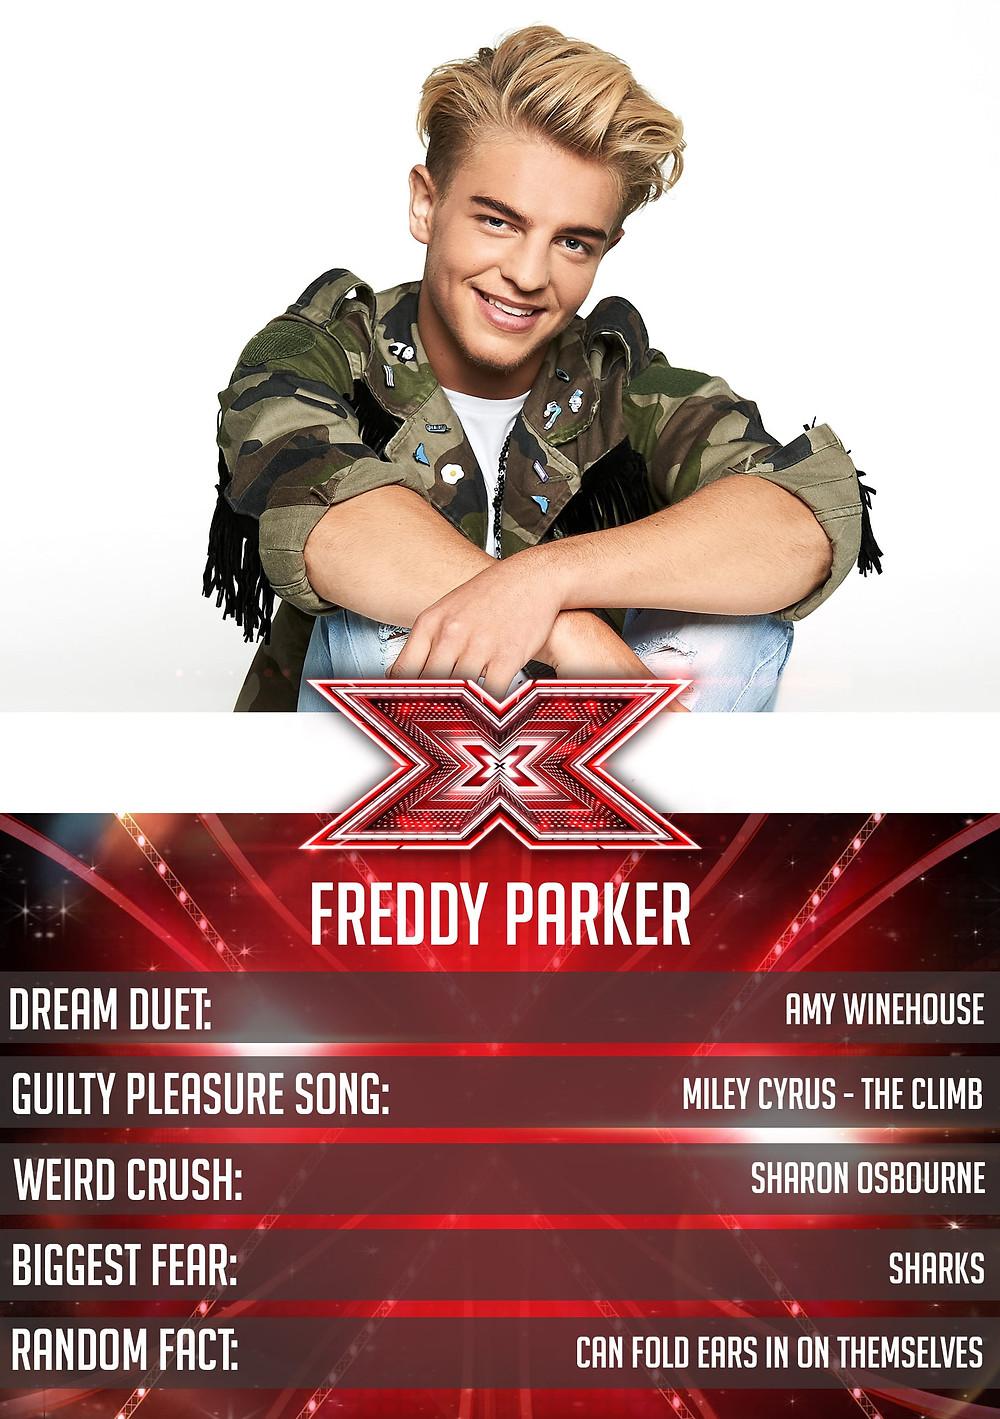 Freddy Parker